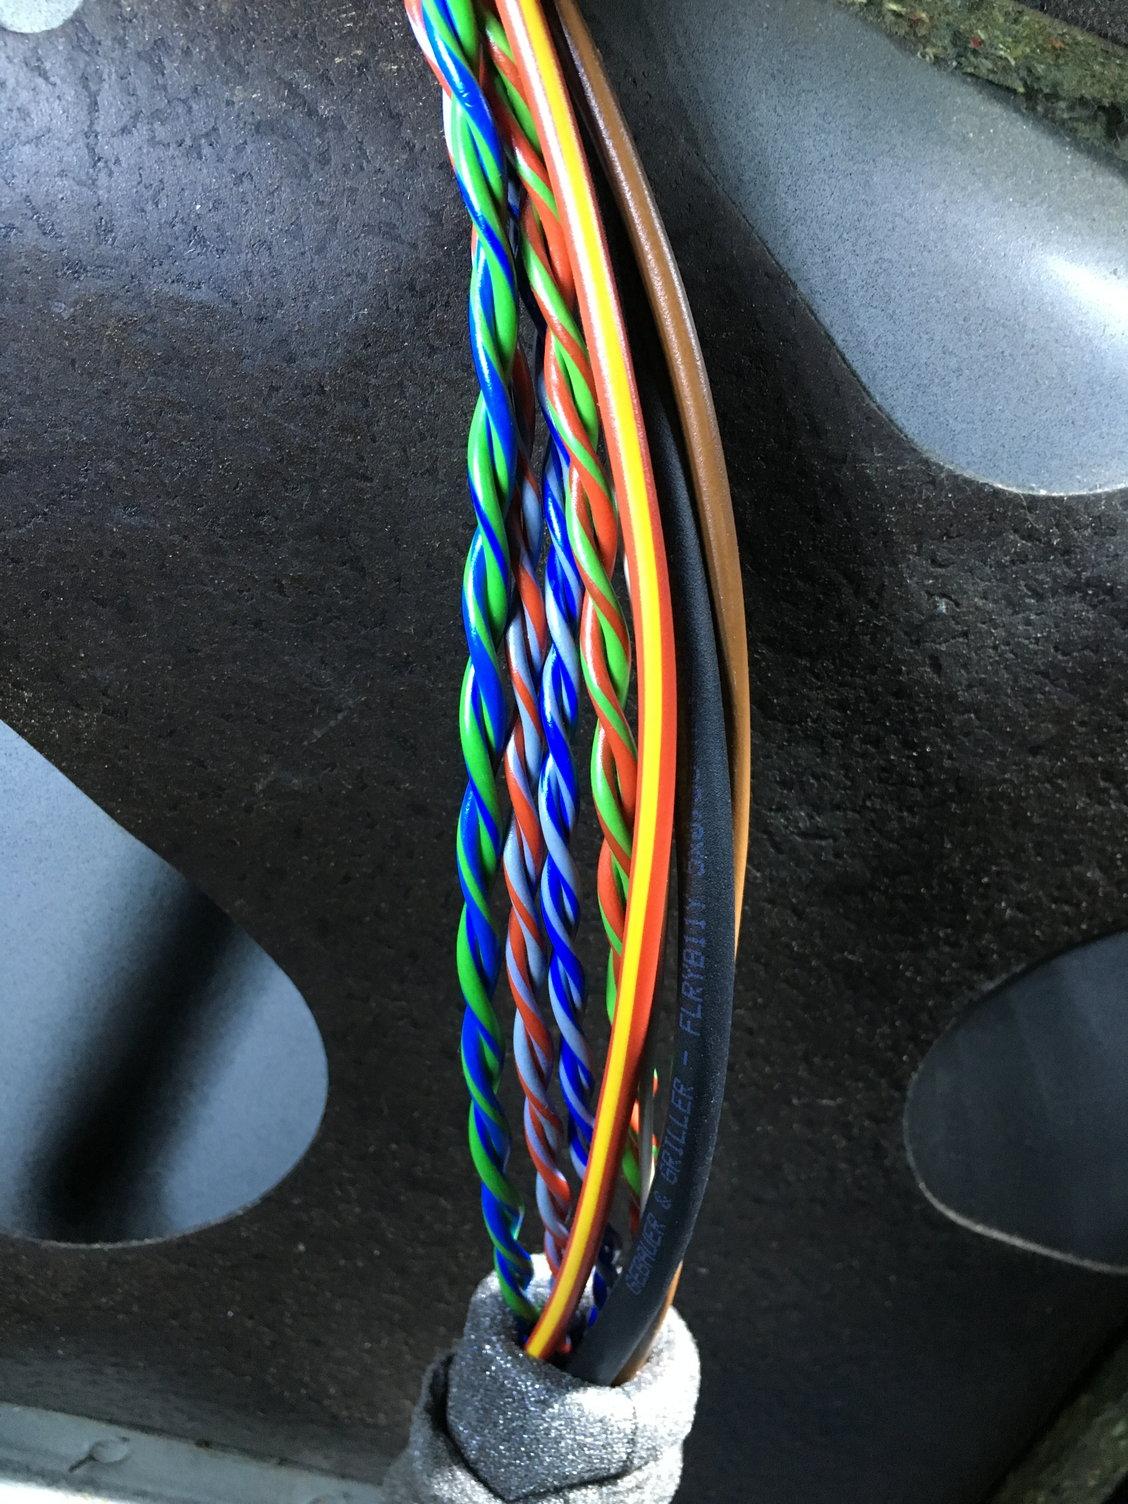 2003 Audi A6 Amp Wiring